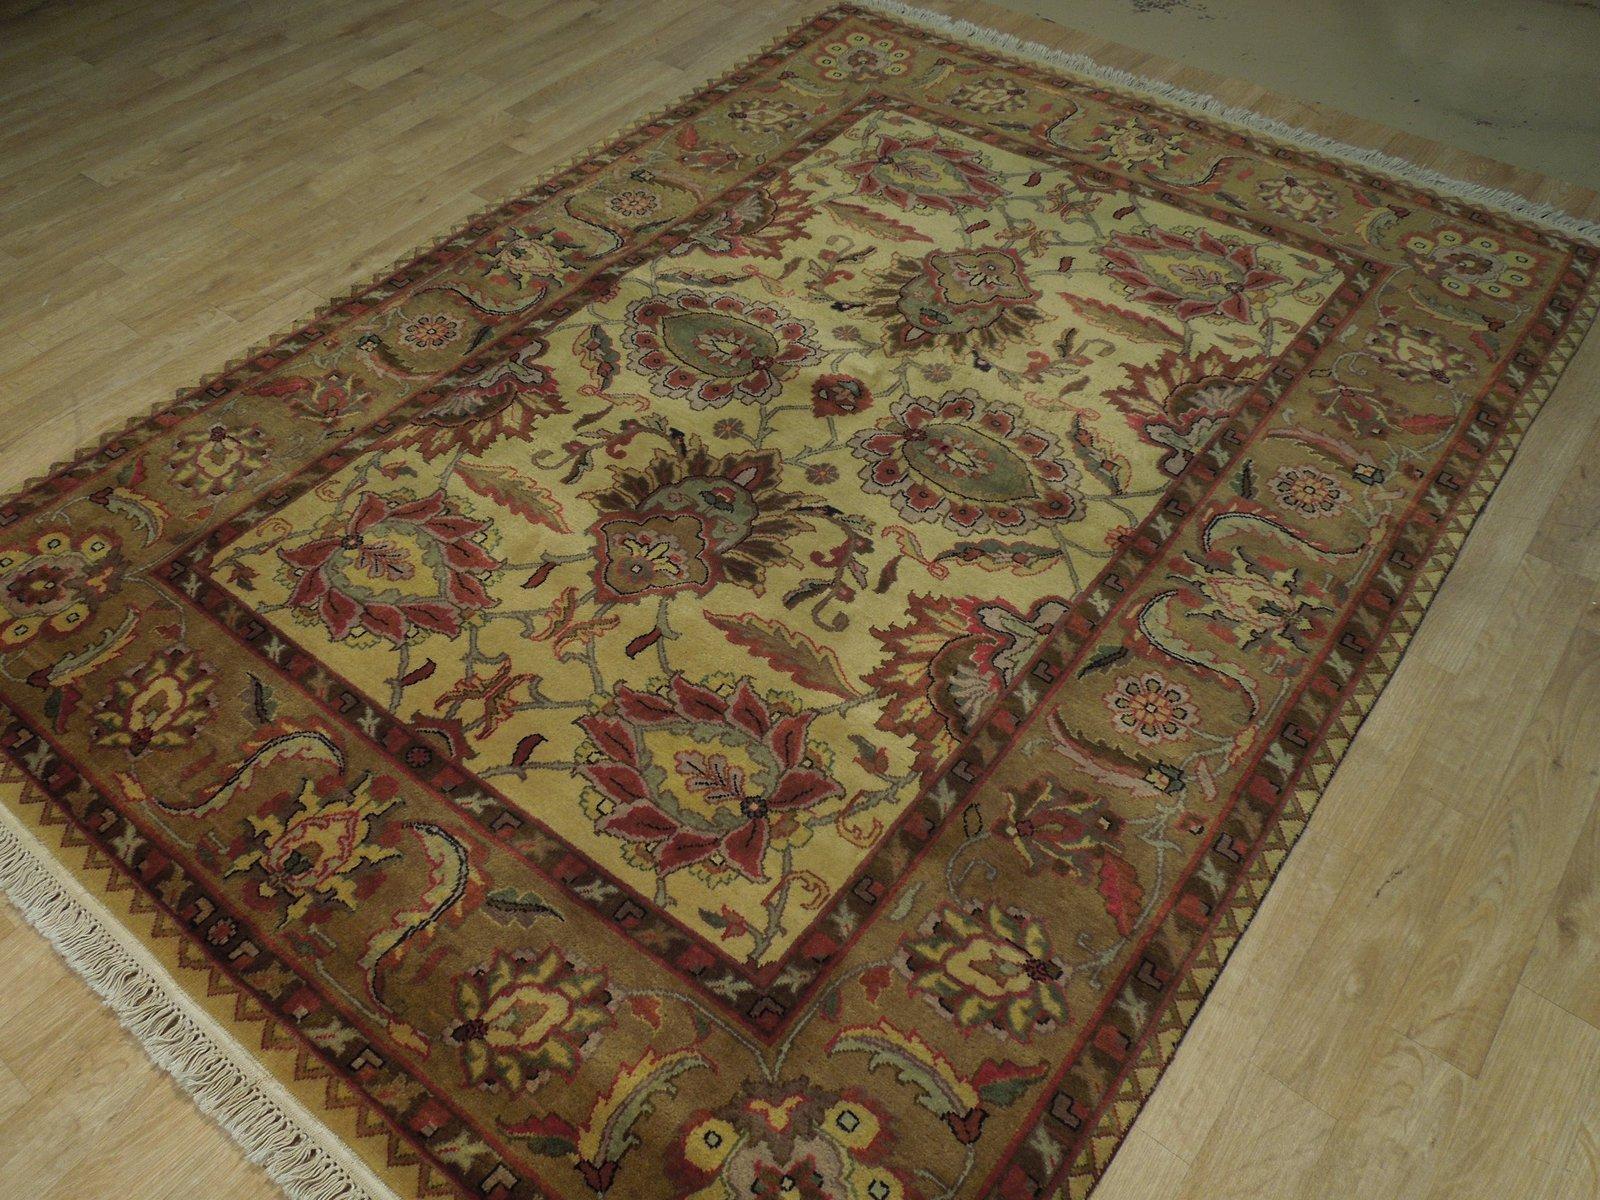 Cream Wool 5' x 7' Large Shah Abassi Design New Jaipur Authentic Handmade Rug